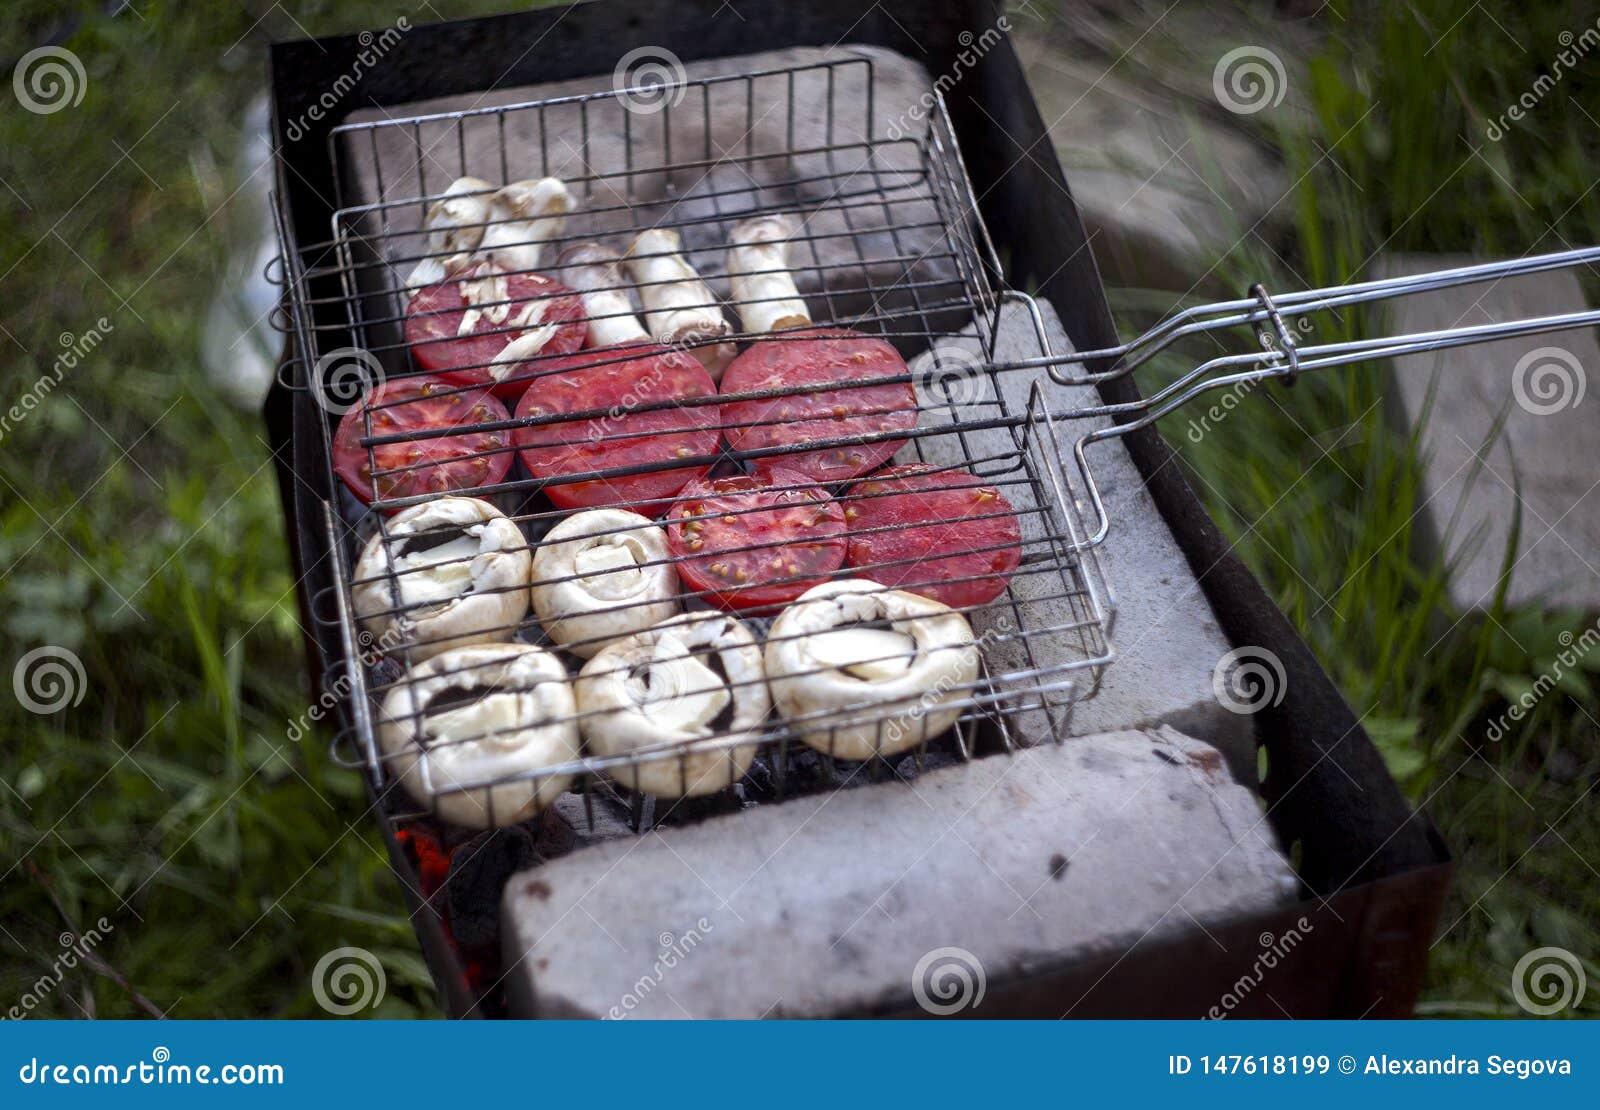 Barbecue vegeterian extérieur